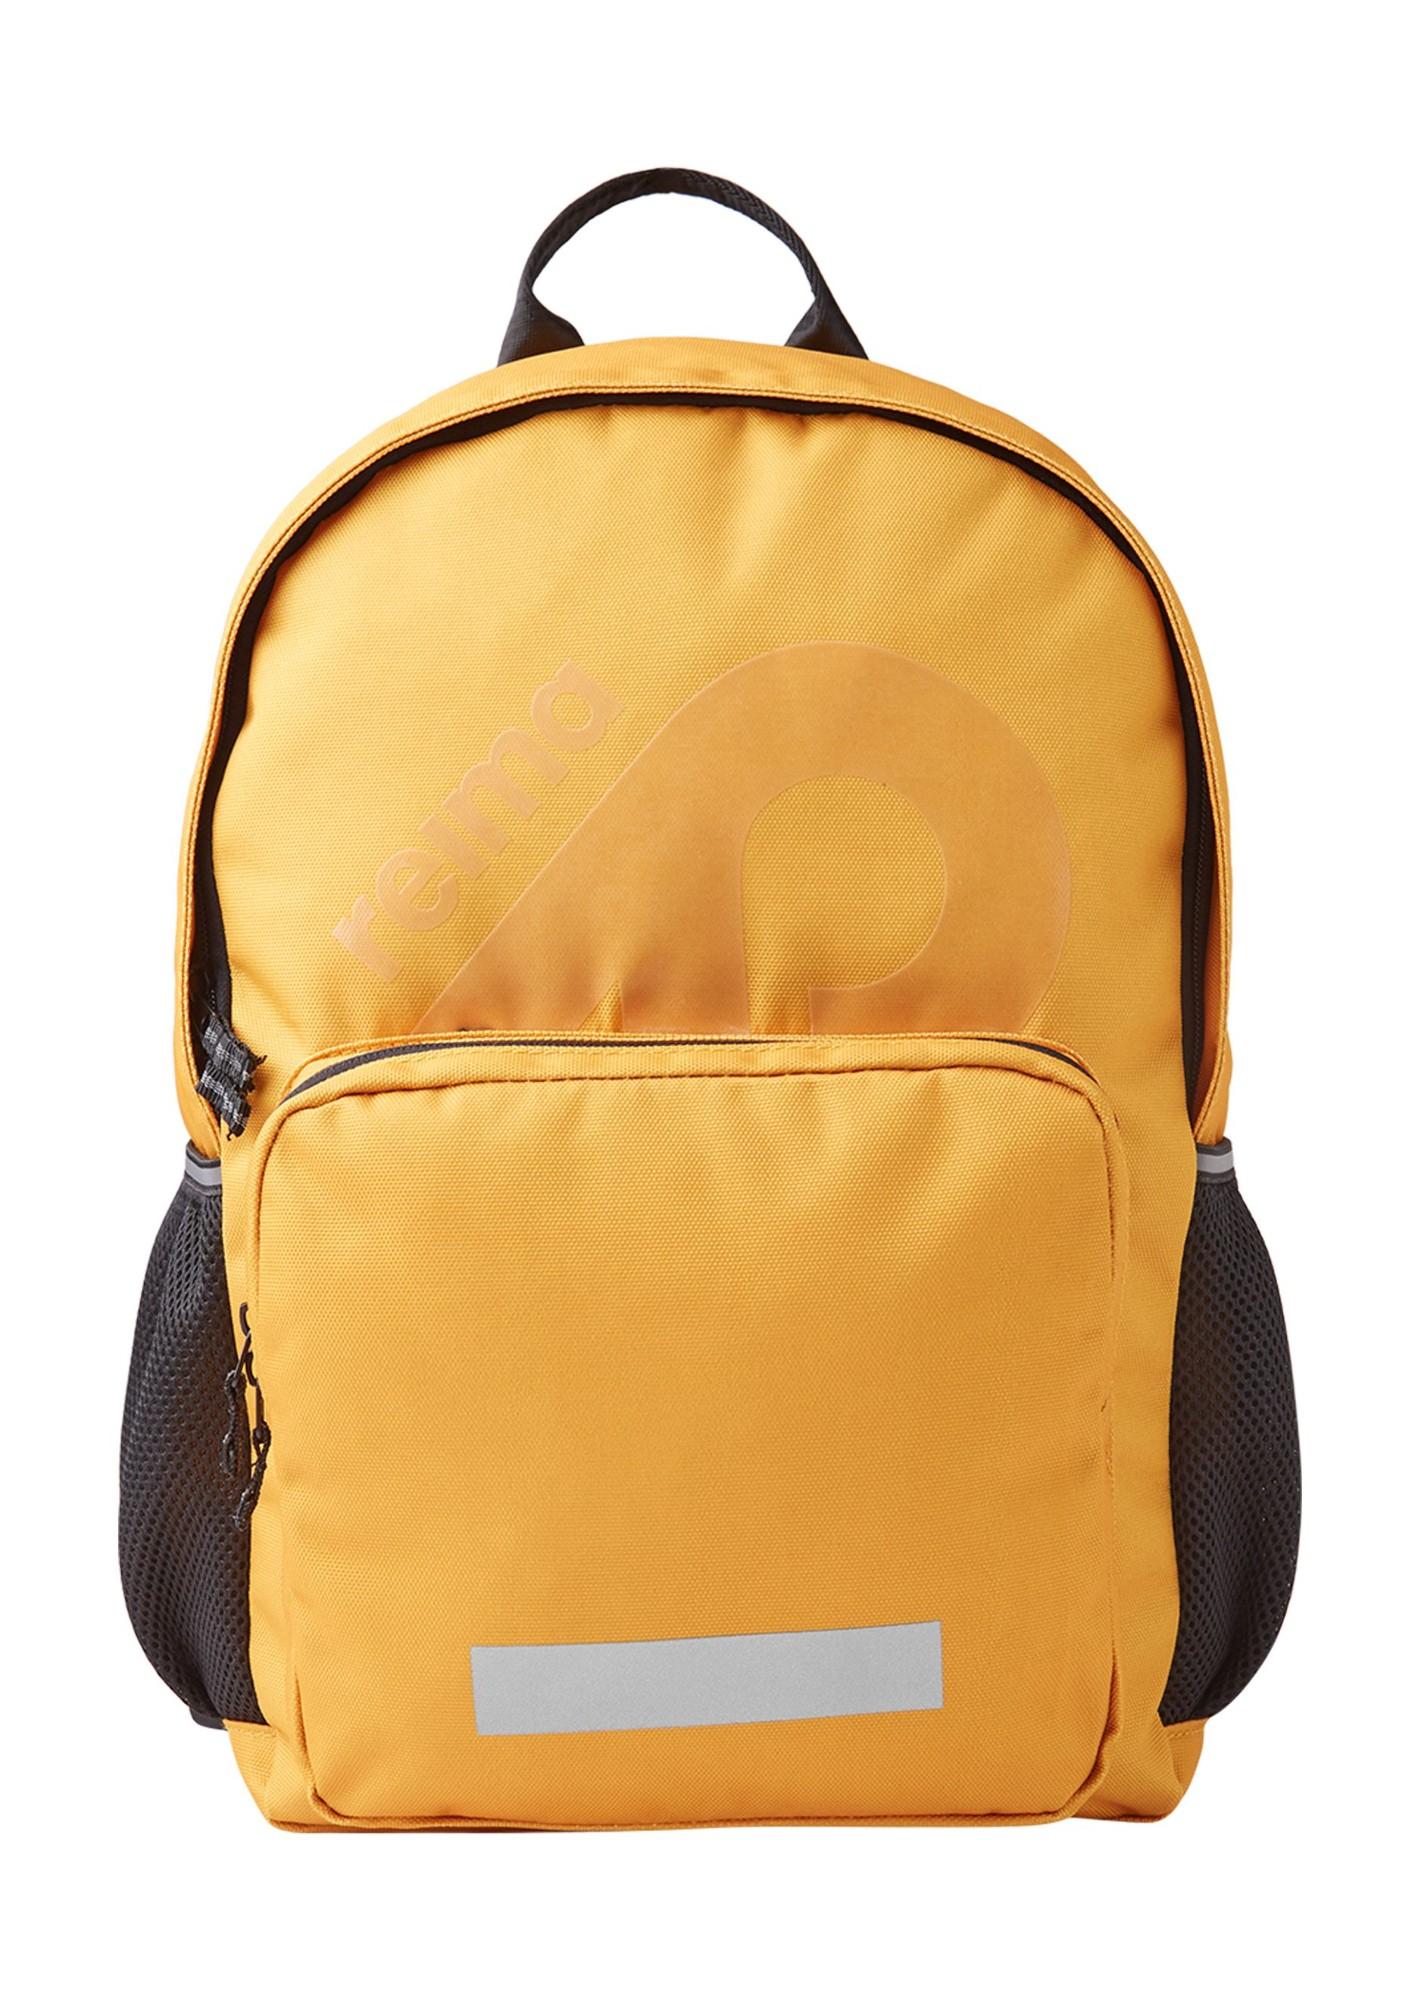 REIMA Mukaasi Ochre Yellow One size